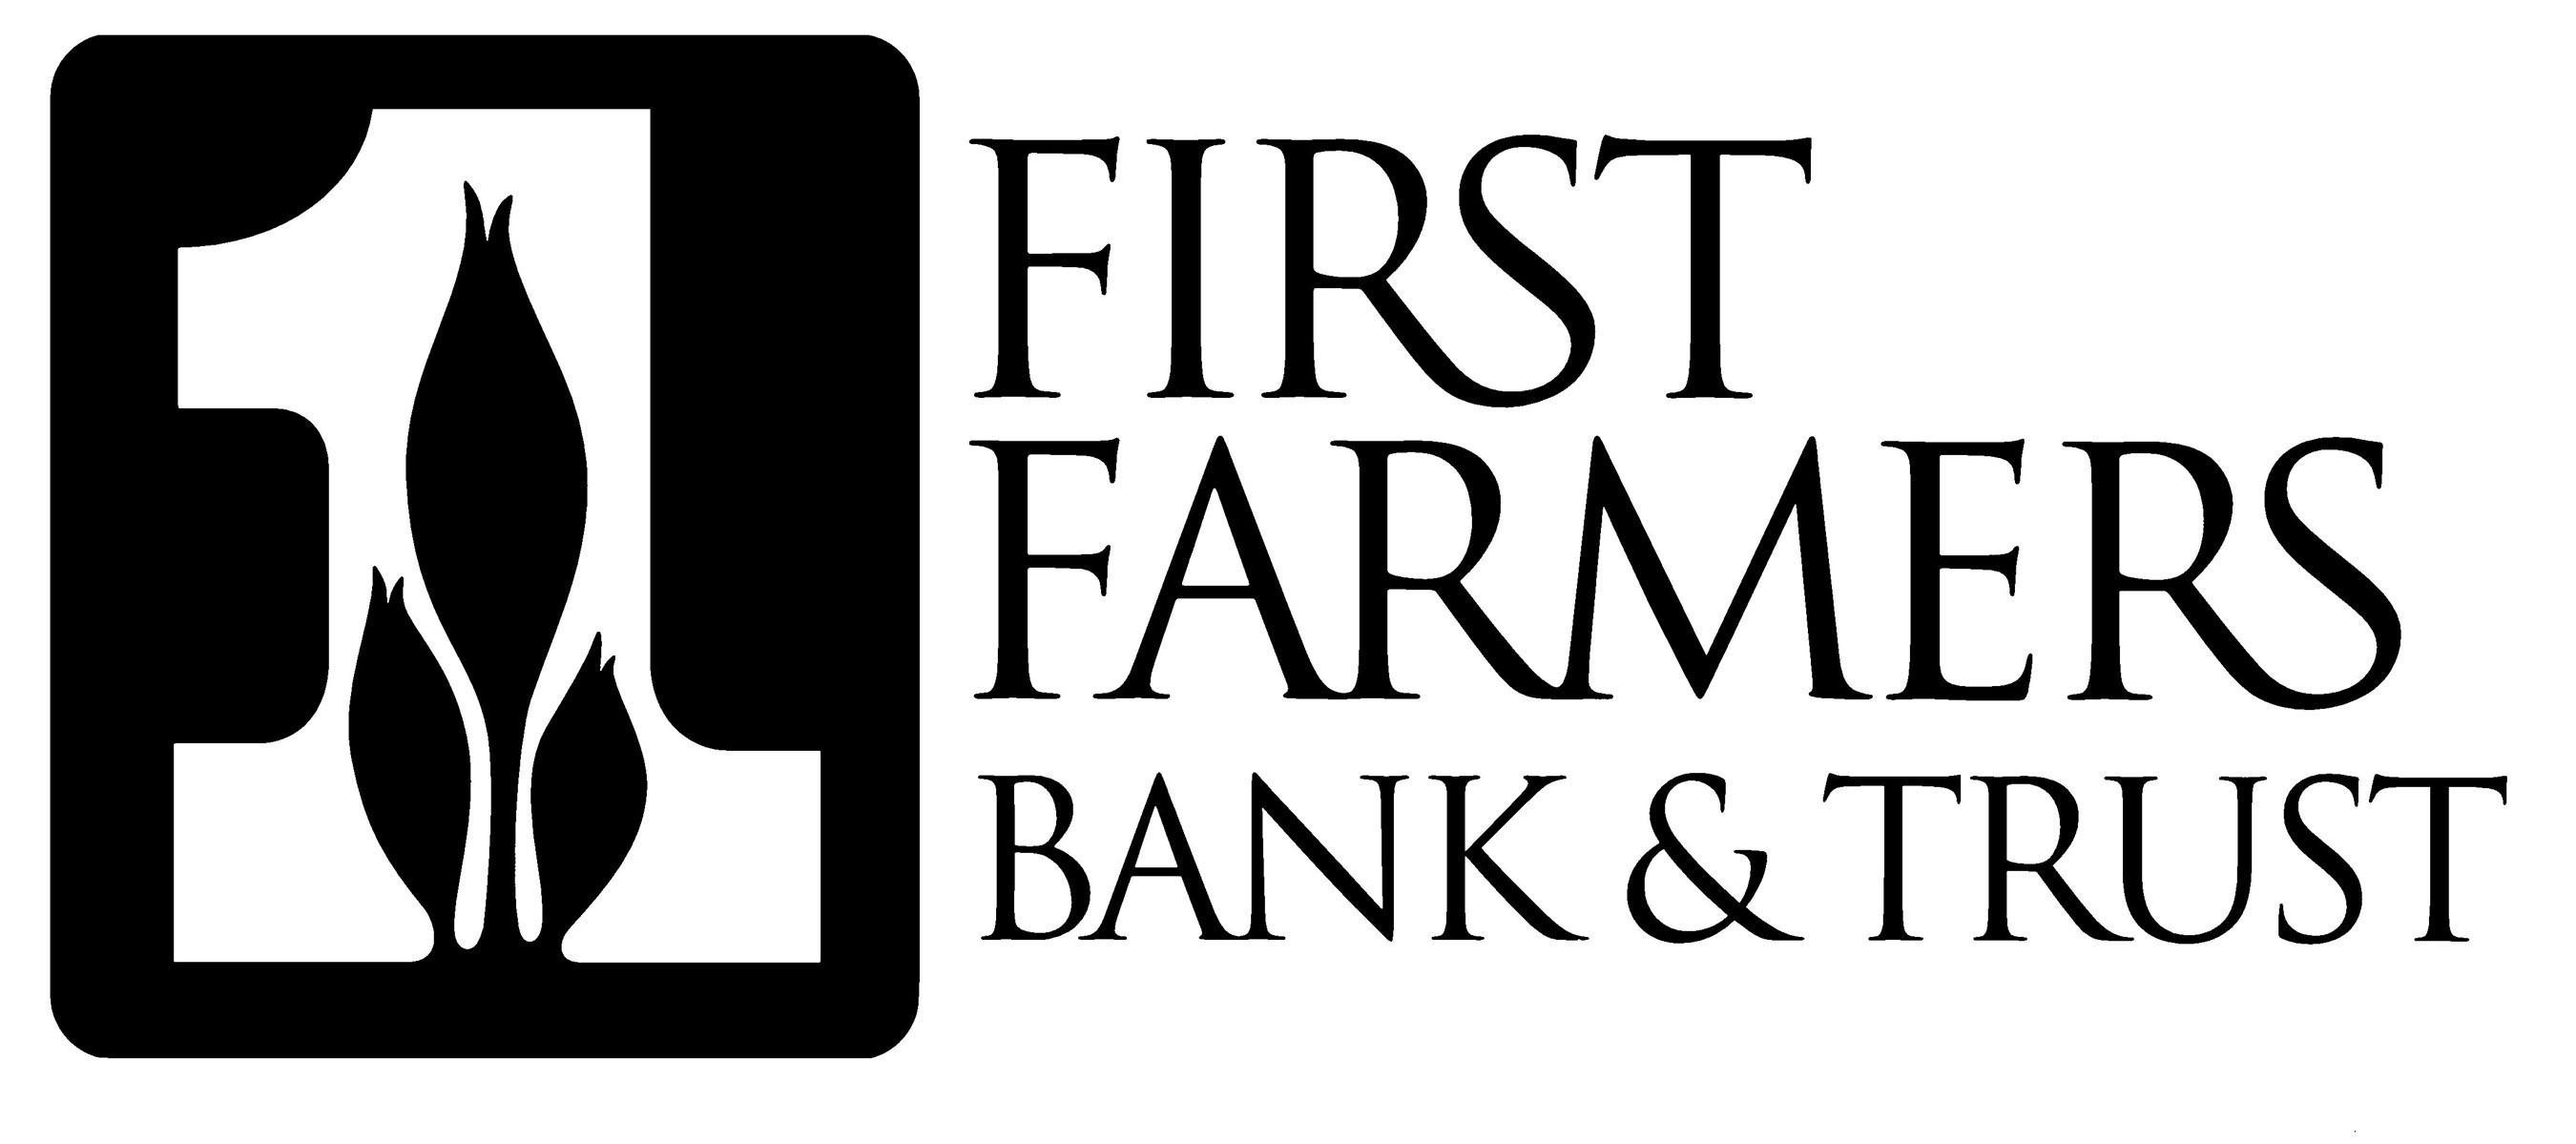 First Farmers Bank & Trust Logo. (PRNewsFoto/FIRST FARMERS BANK & TRUST) (PRNewsFoto/)